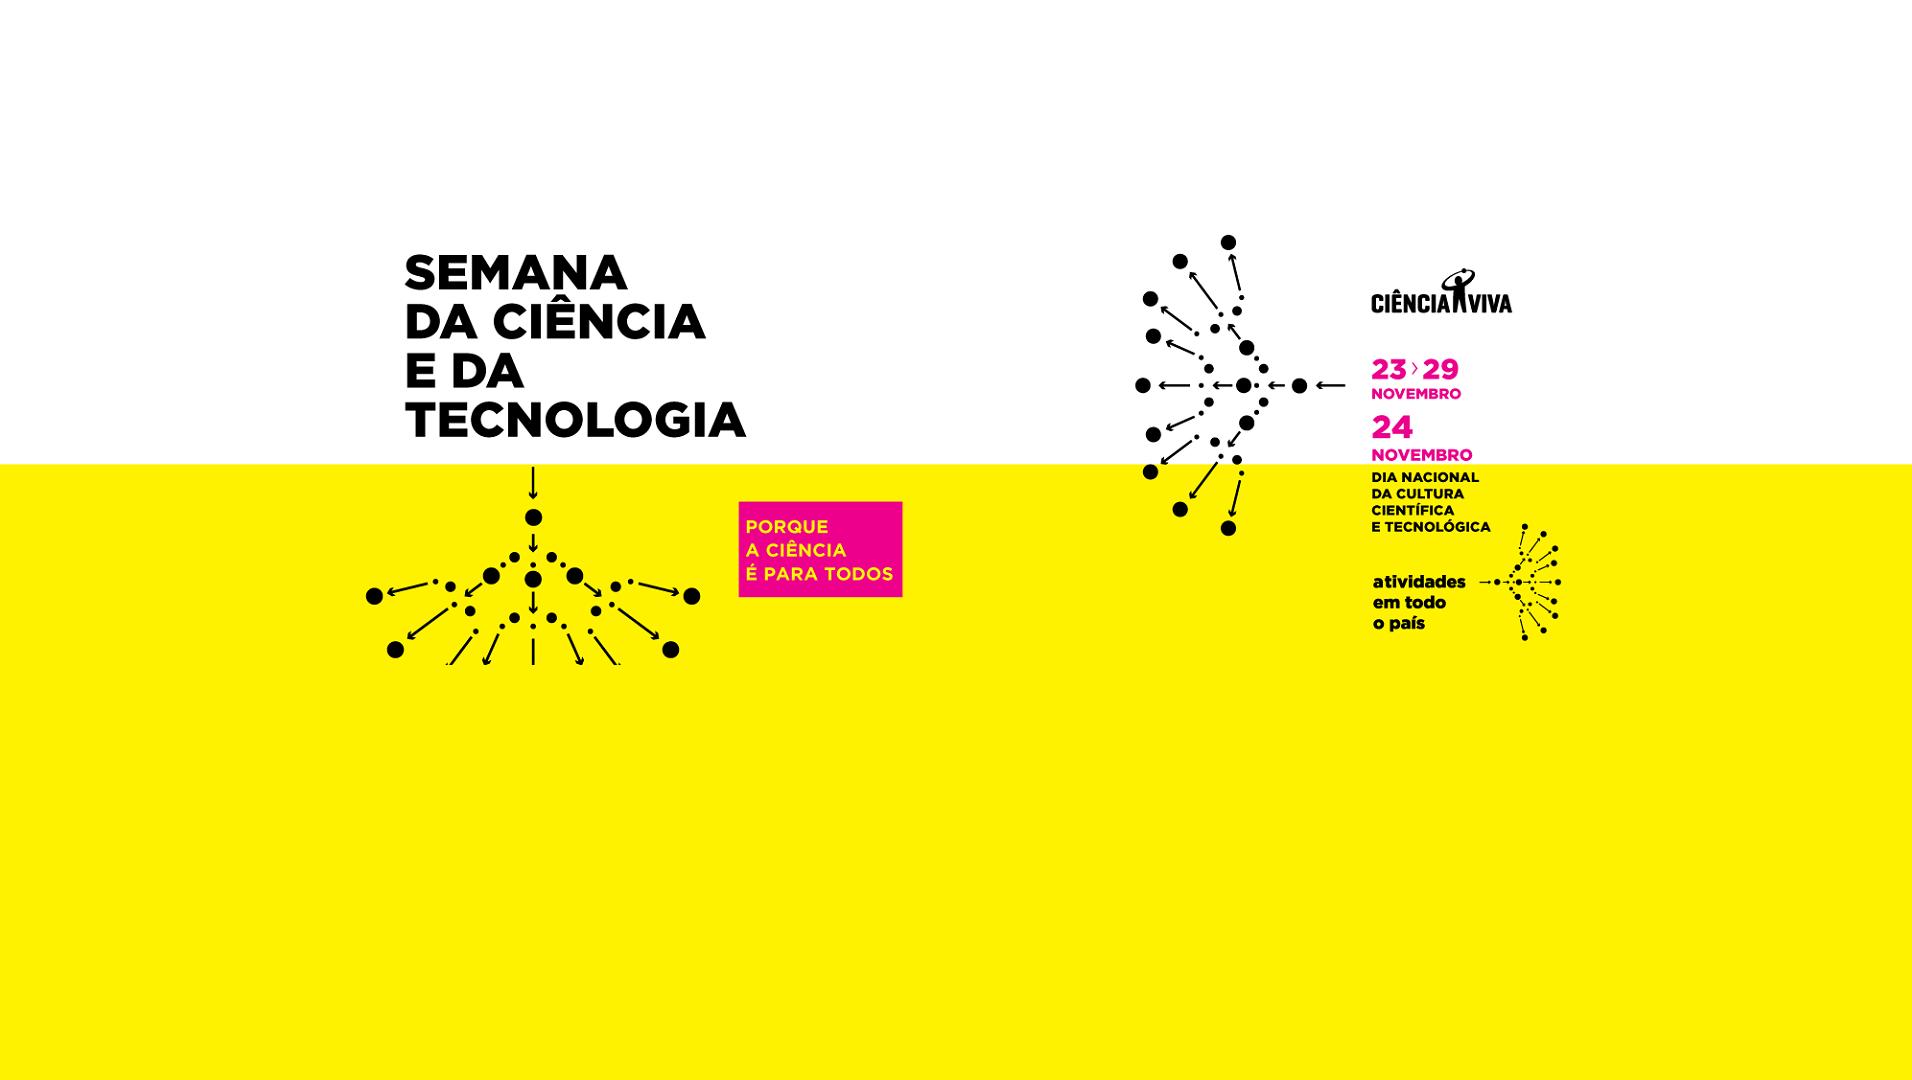 Semana da Ciência e da Tecnologia - Atividades do LNEG/Museu Geológico